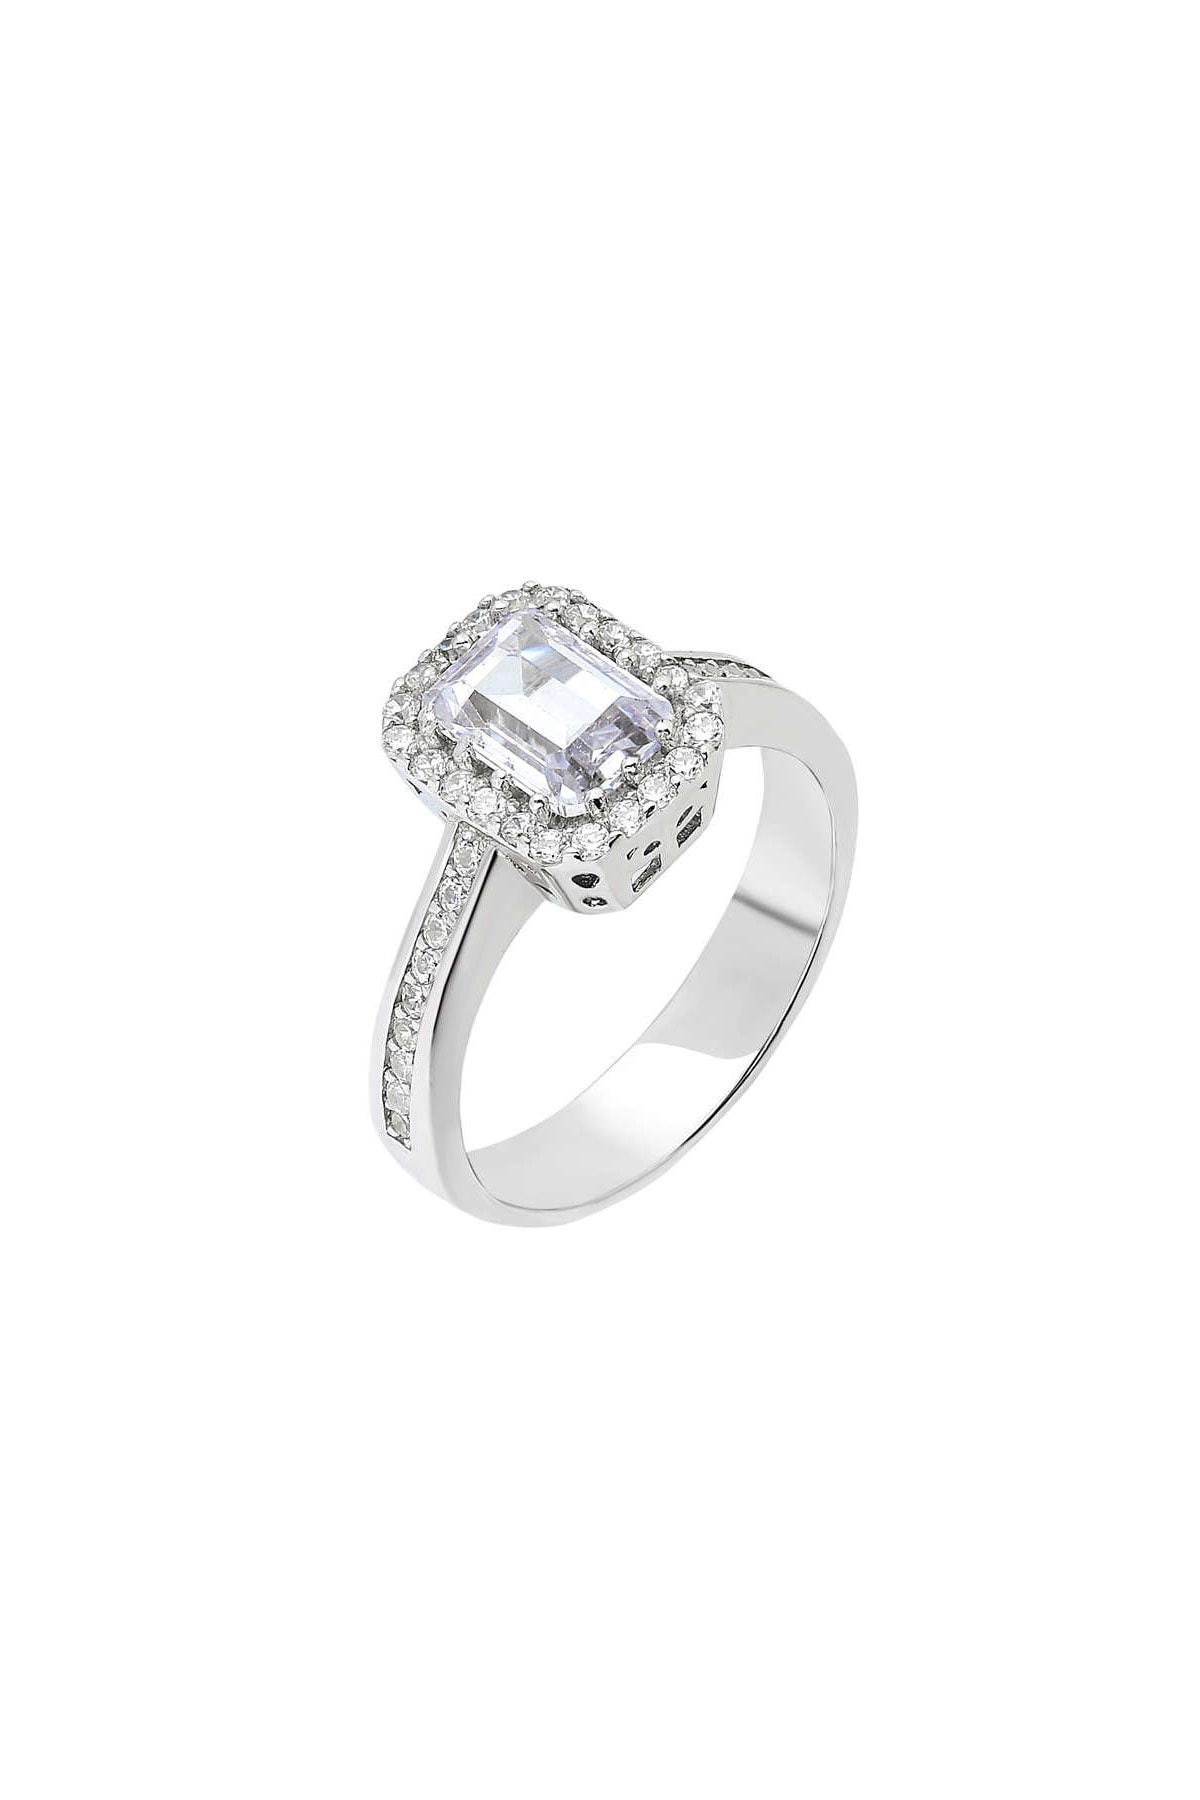 Tesbihane Starlight Diamond Pırlanta Montür Zarif Tasarım 925 Ayar Gümüş Bayan Baget Yüzük 102001798 3